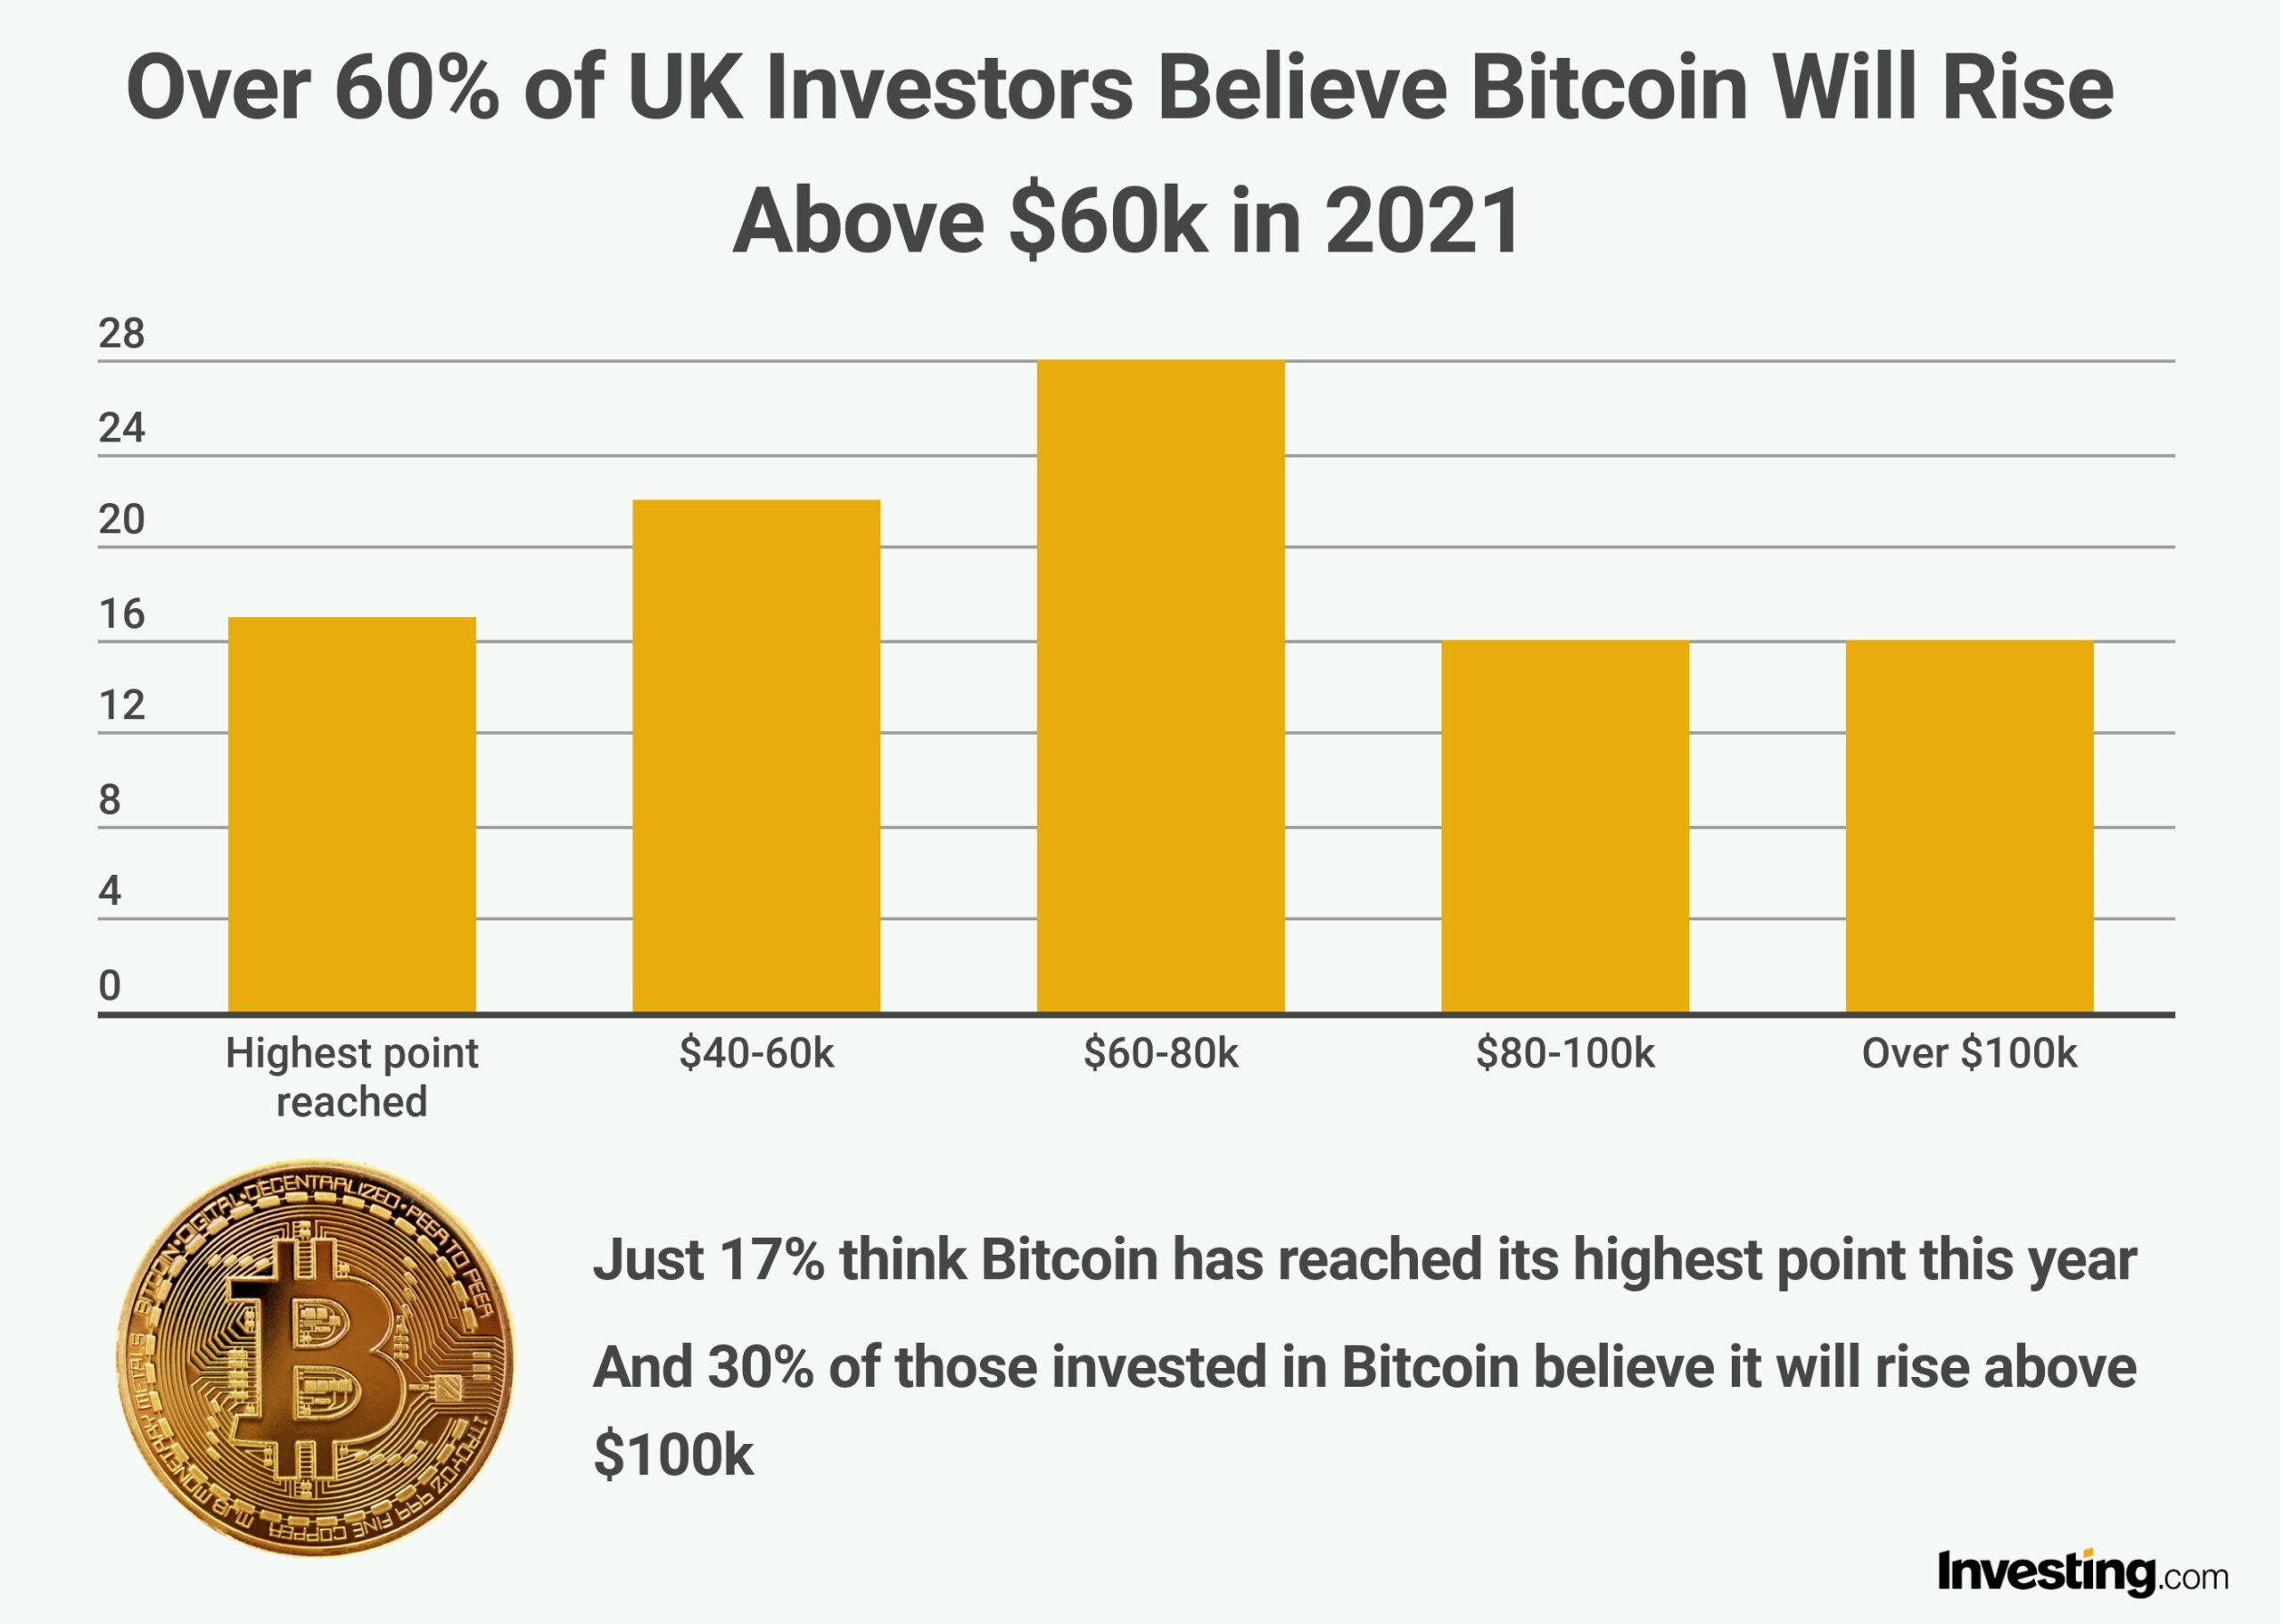 Finanzexperte von Investing.com sieht Bitcoin schon bald bei 60'000 US-Dollar